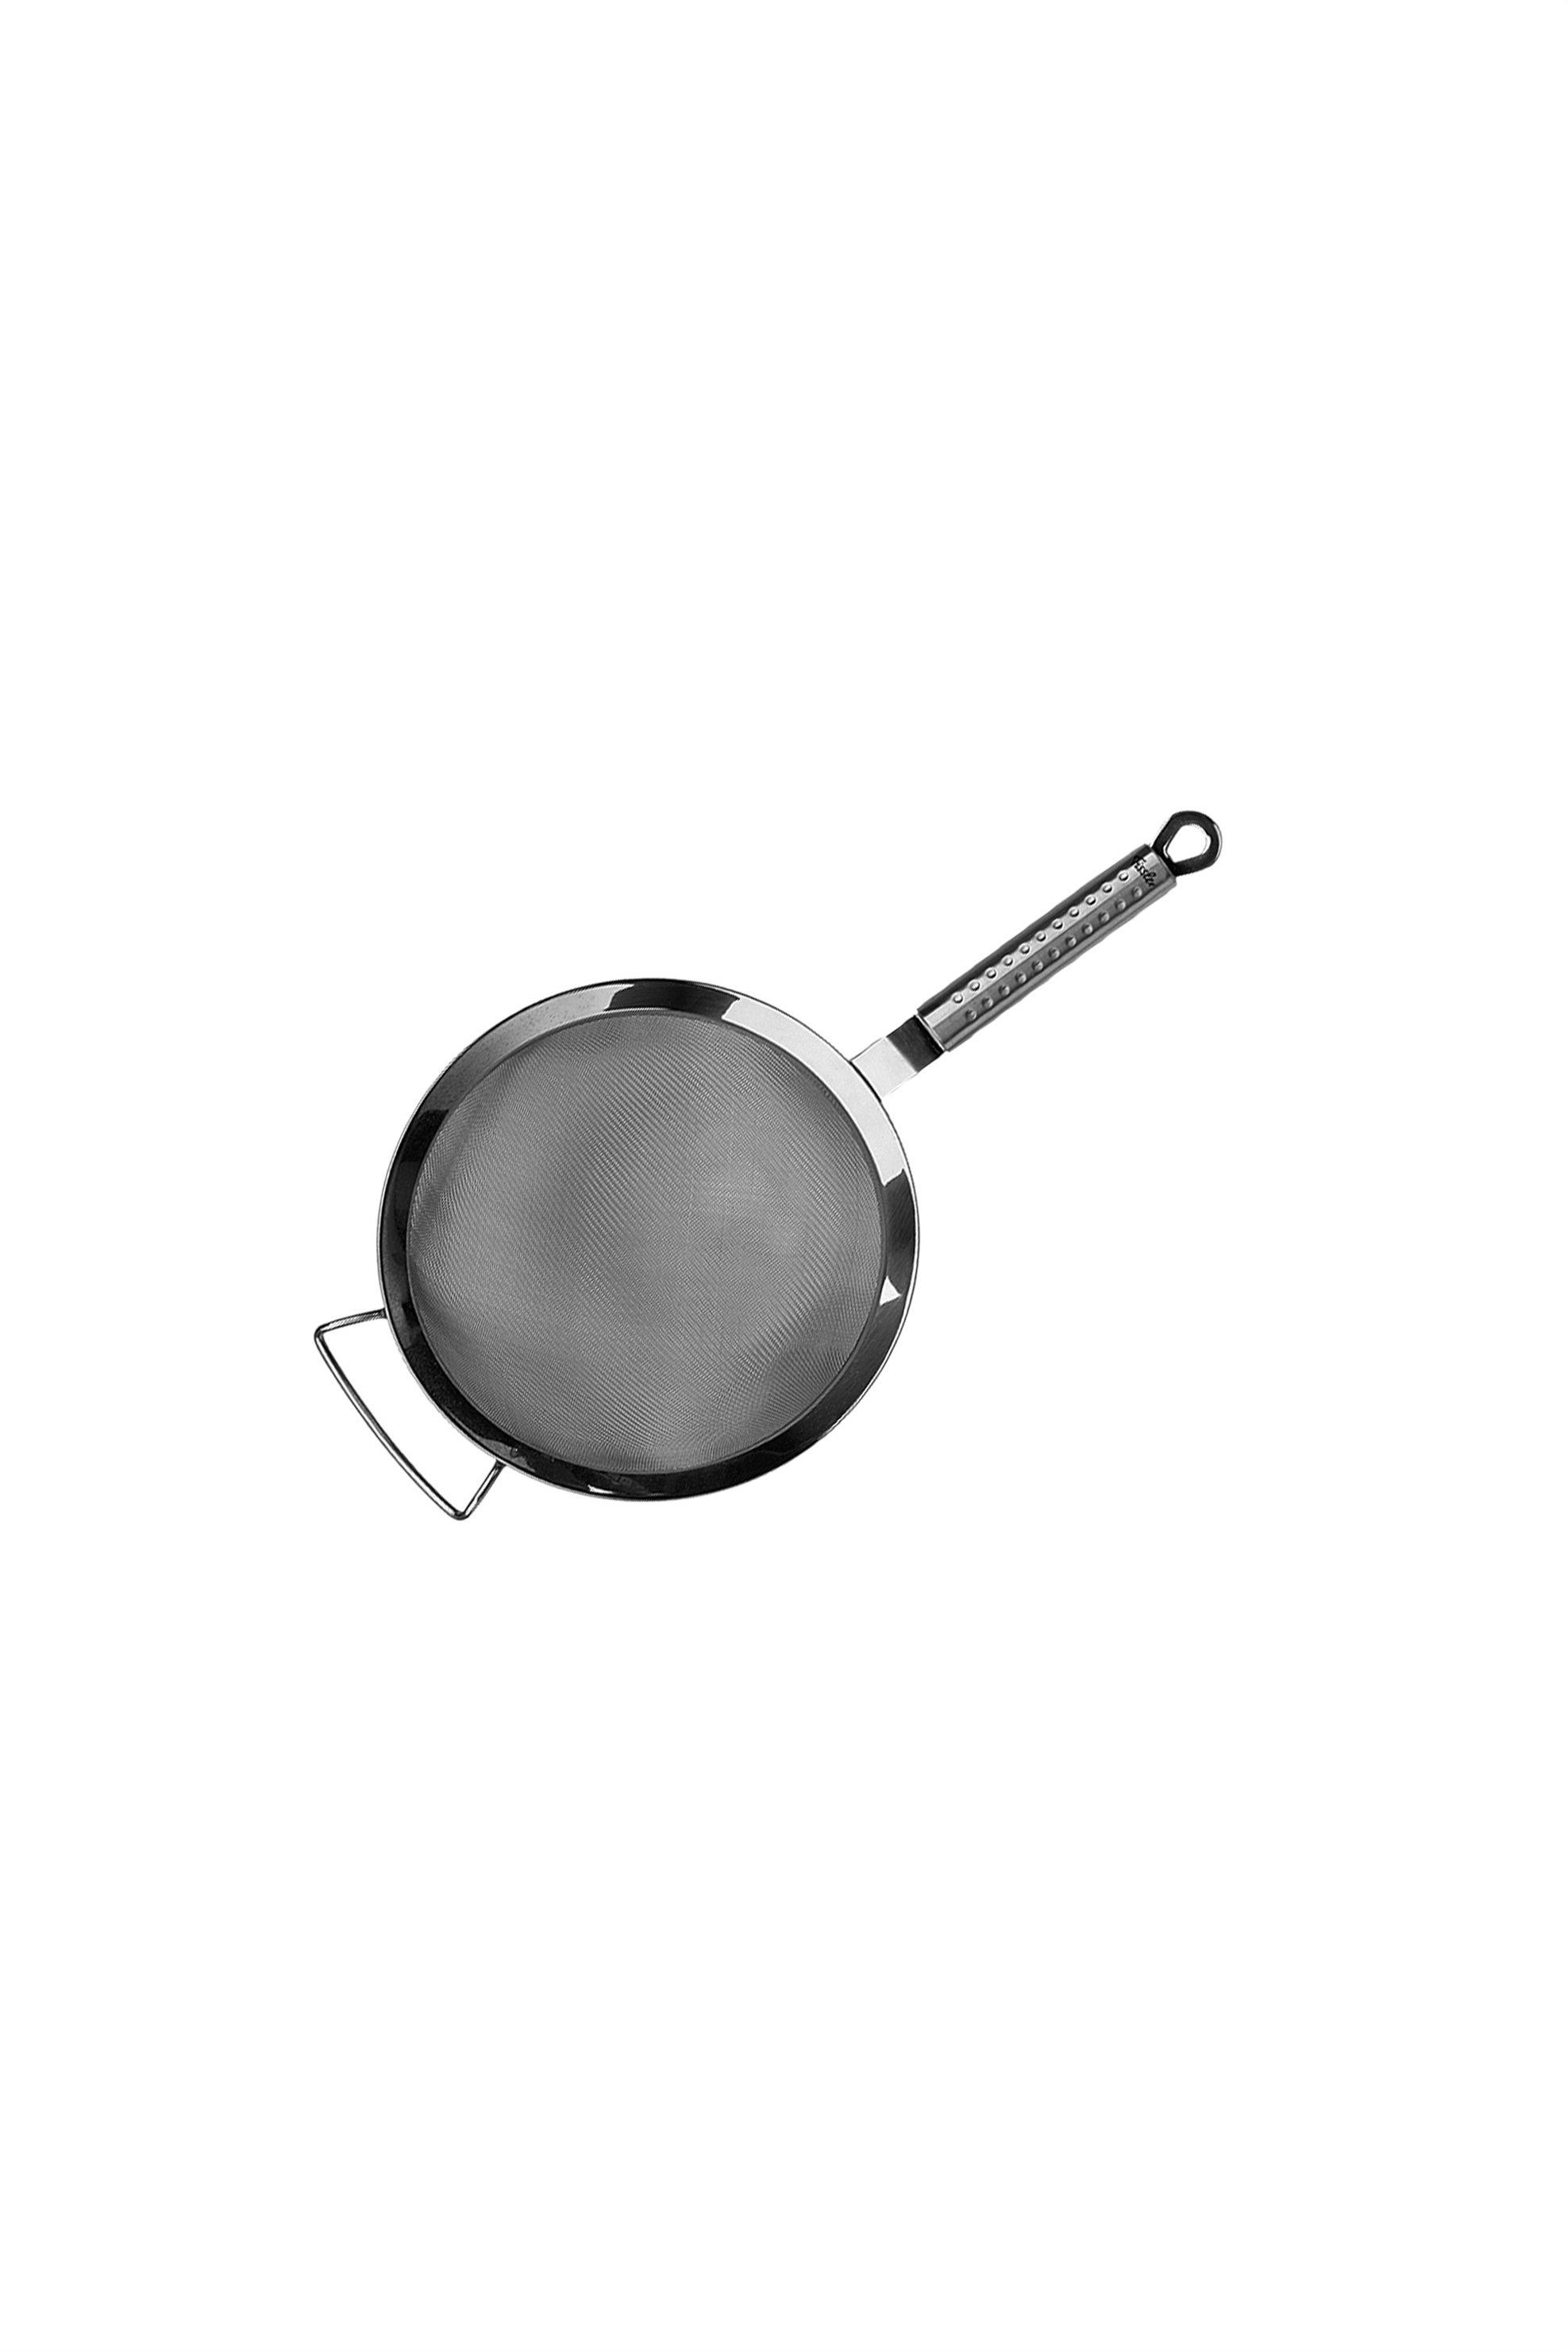 Σουρωτήρι 11 cm Magic Fissler - 2007711.1 home   κουζινα   αξεσουάρ kουζίνας   εργαλεία μαγειρικής   σουρωτήρια